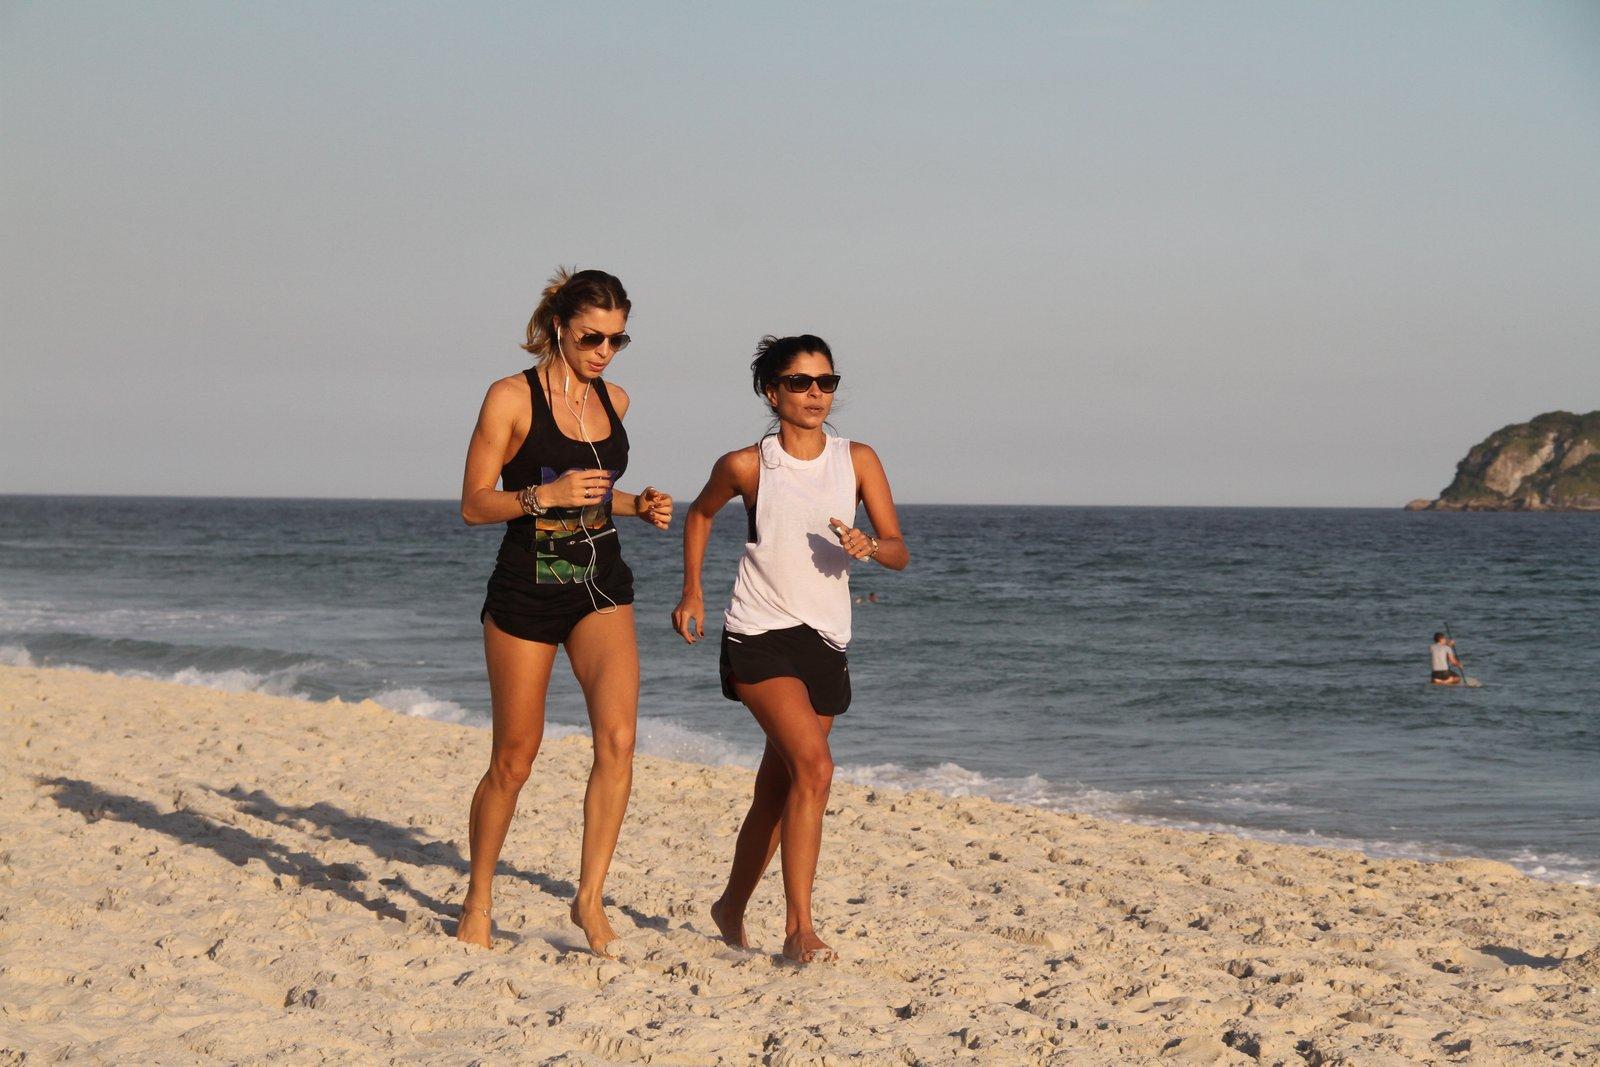 Grazi Massafera e Anna Lima correndo na areia